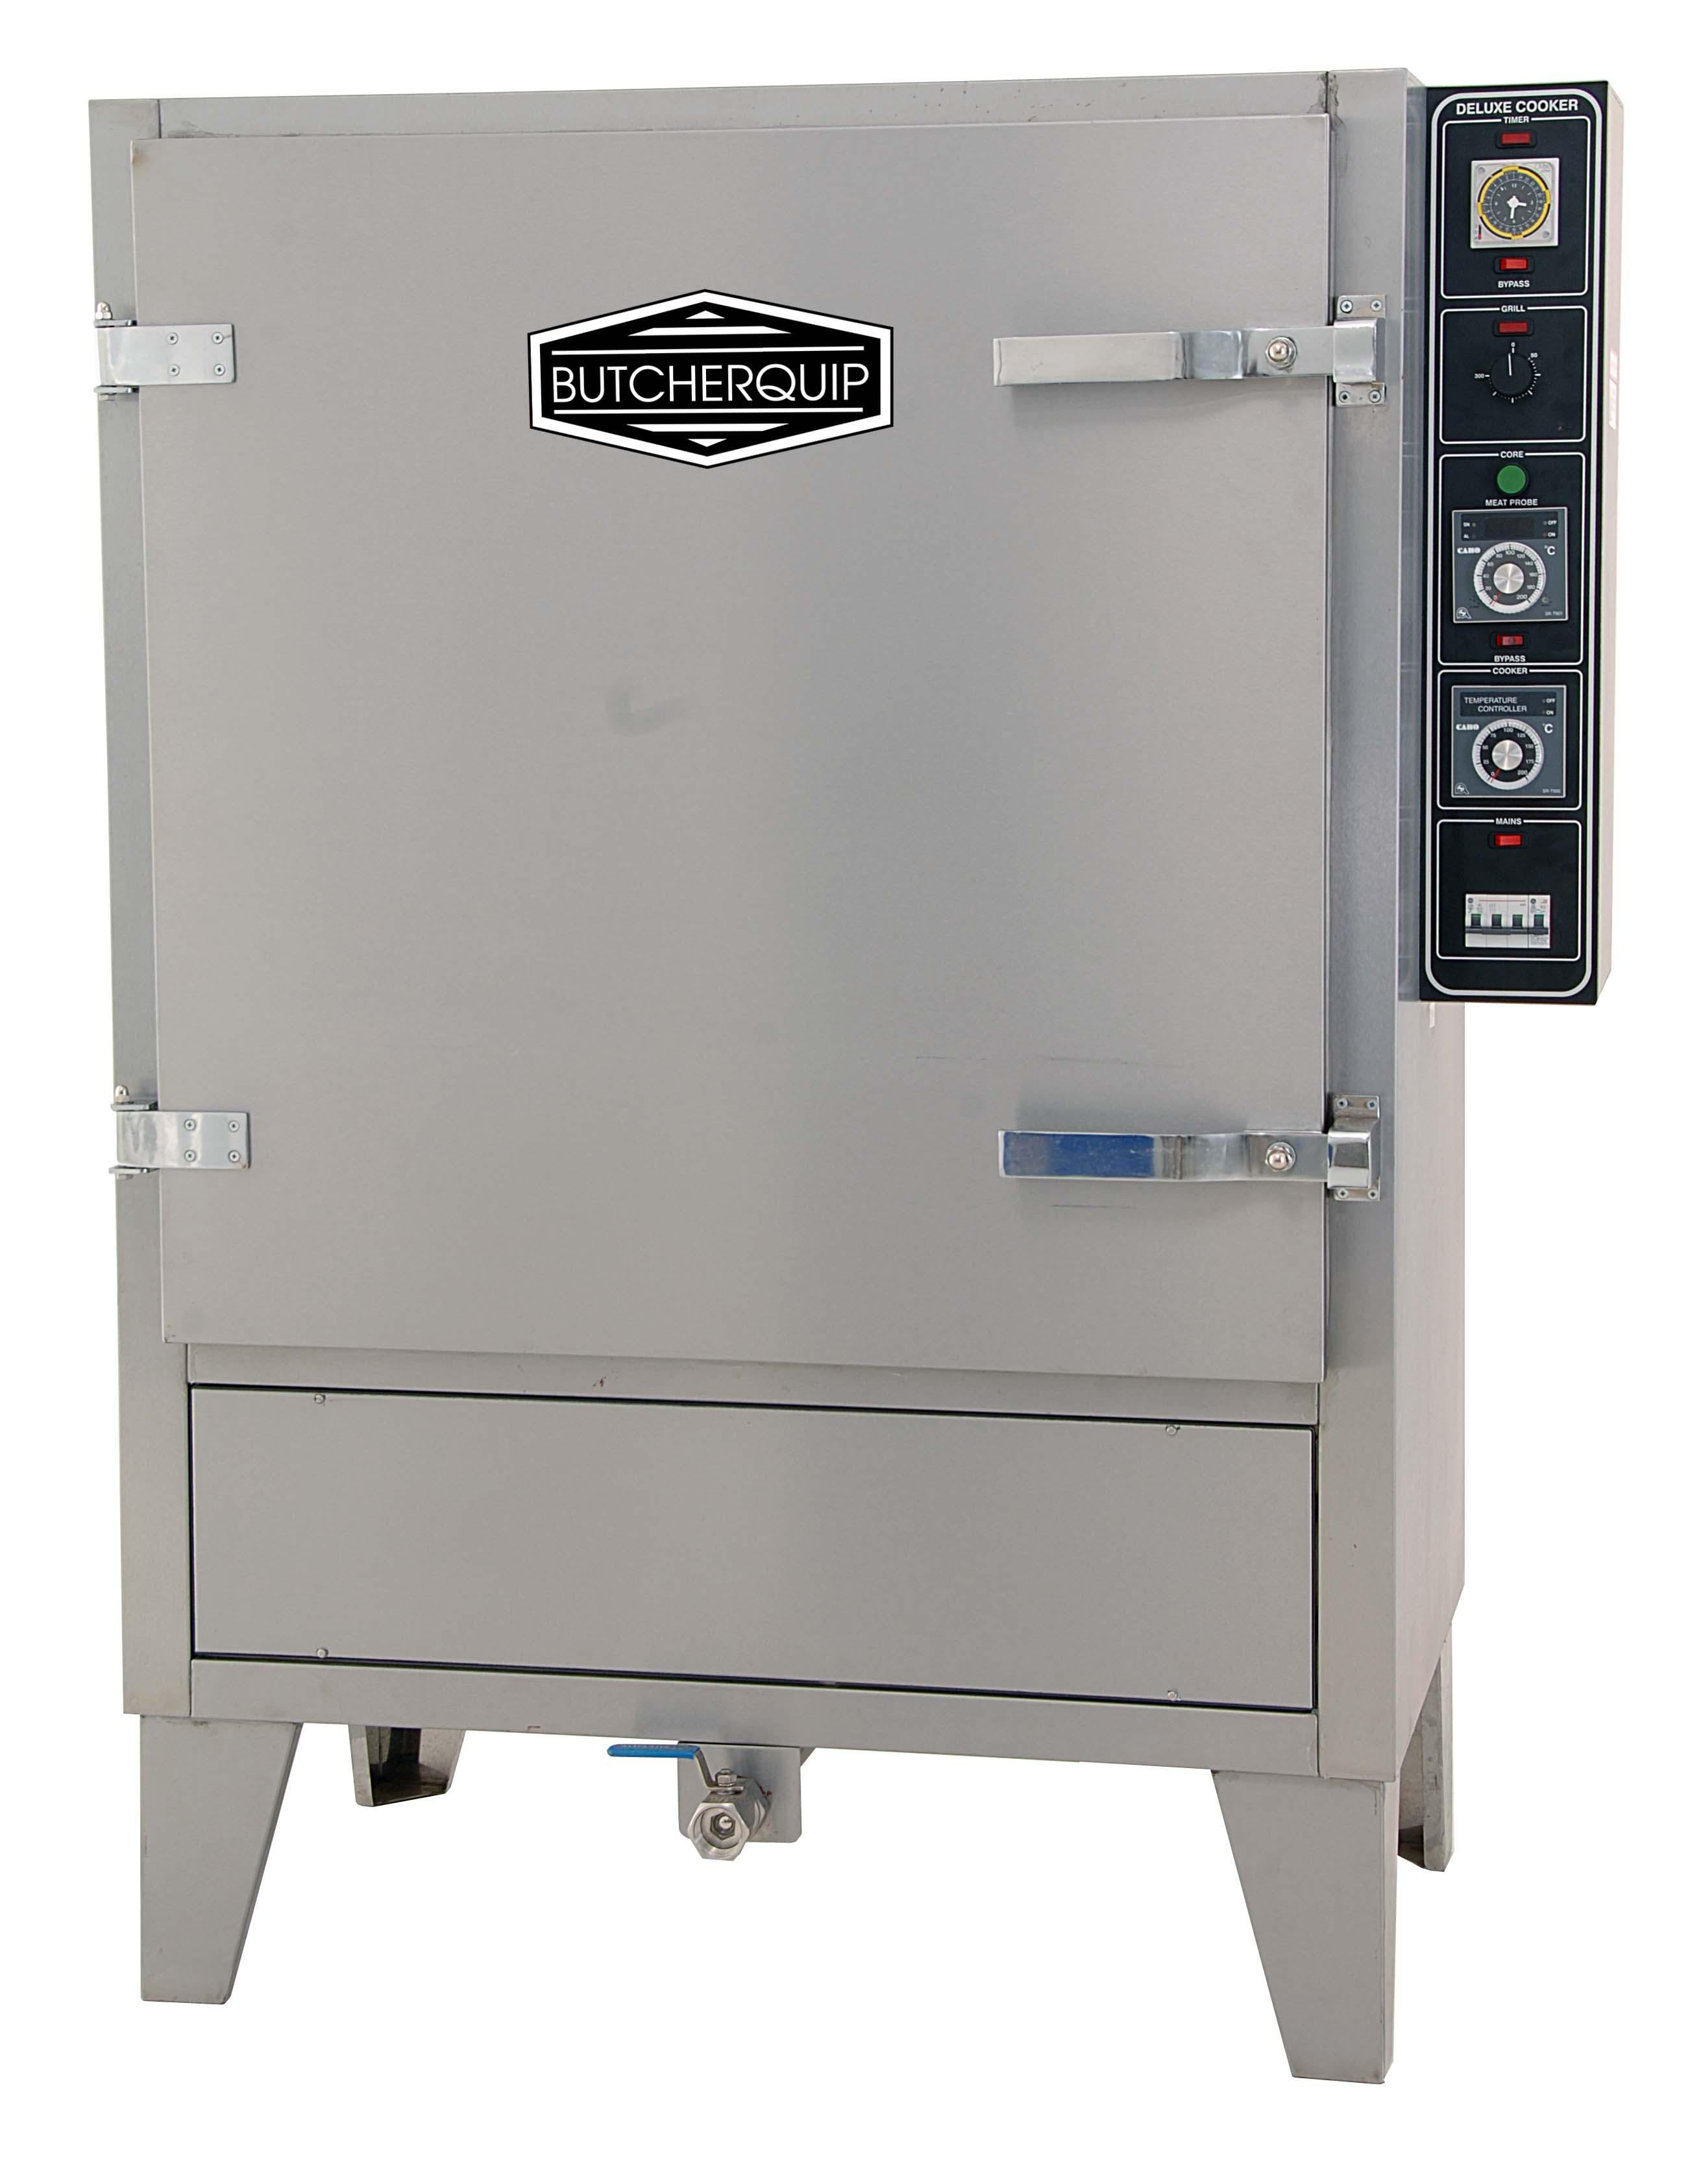 COOKER CABINET BUTCHERQUIP - DELUX 600Lt